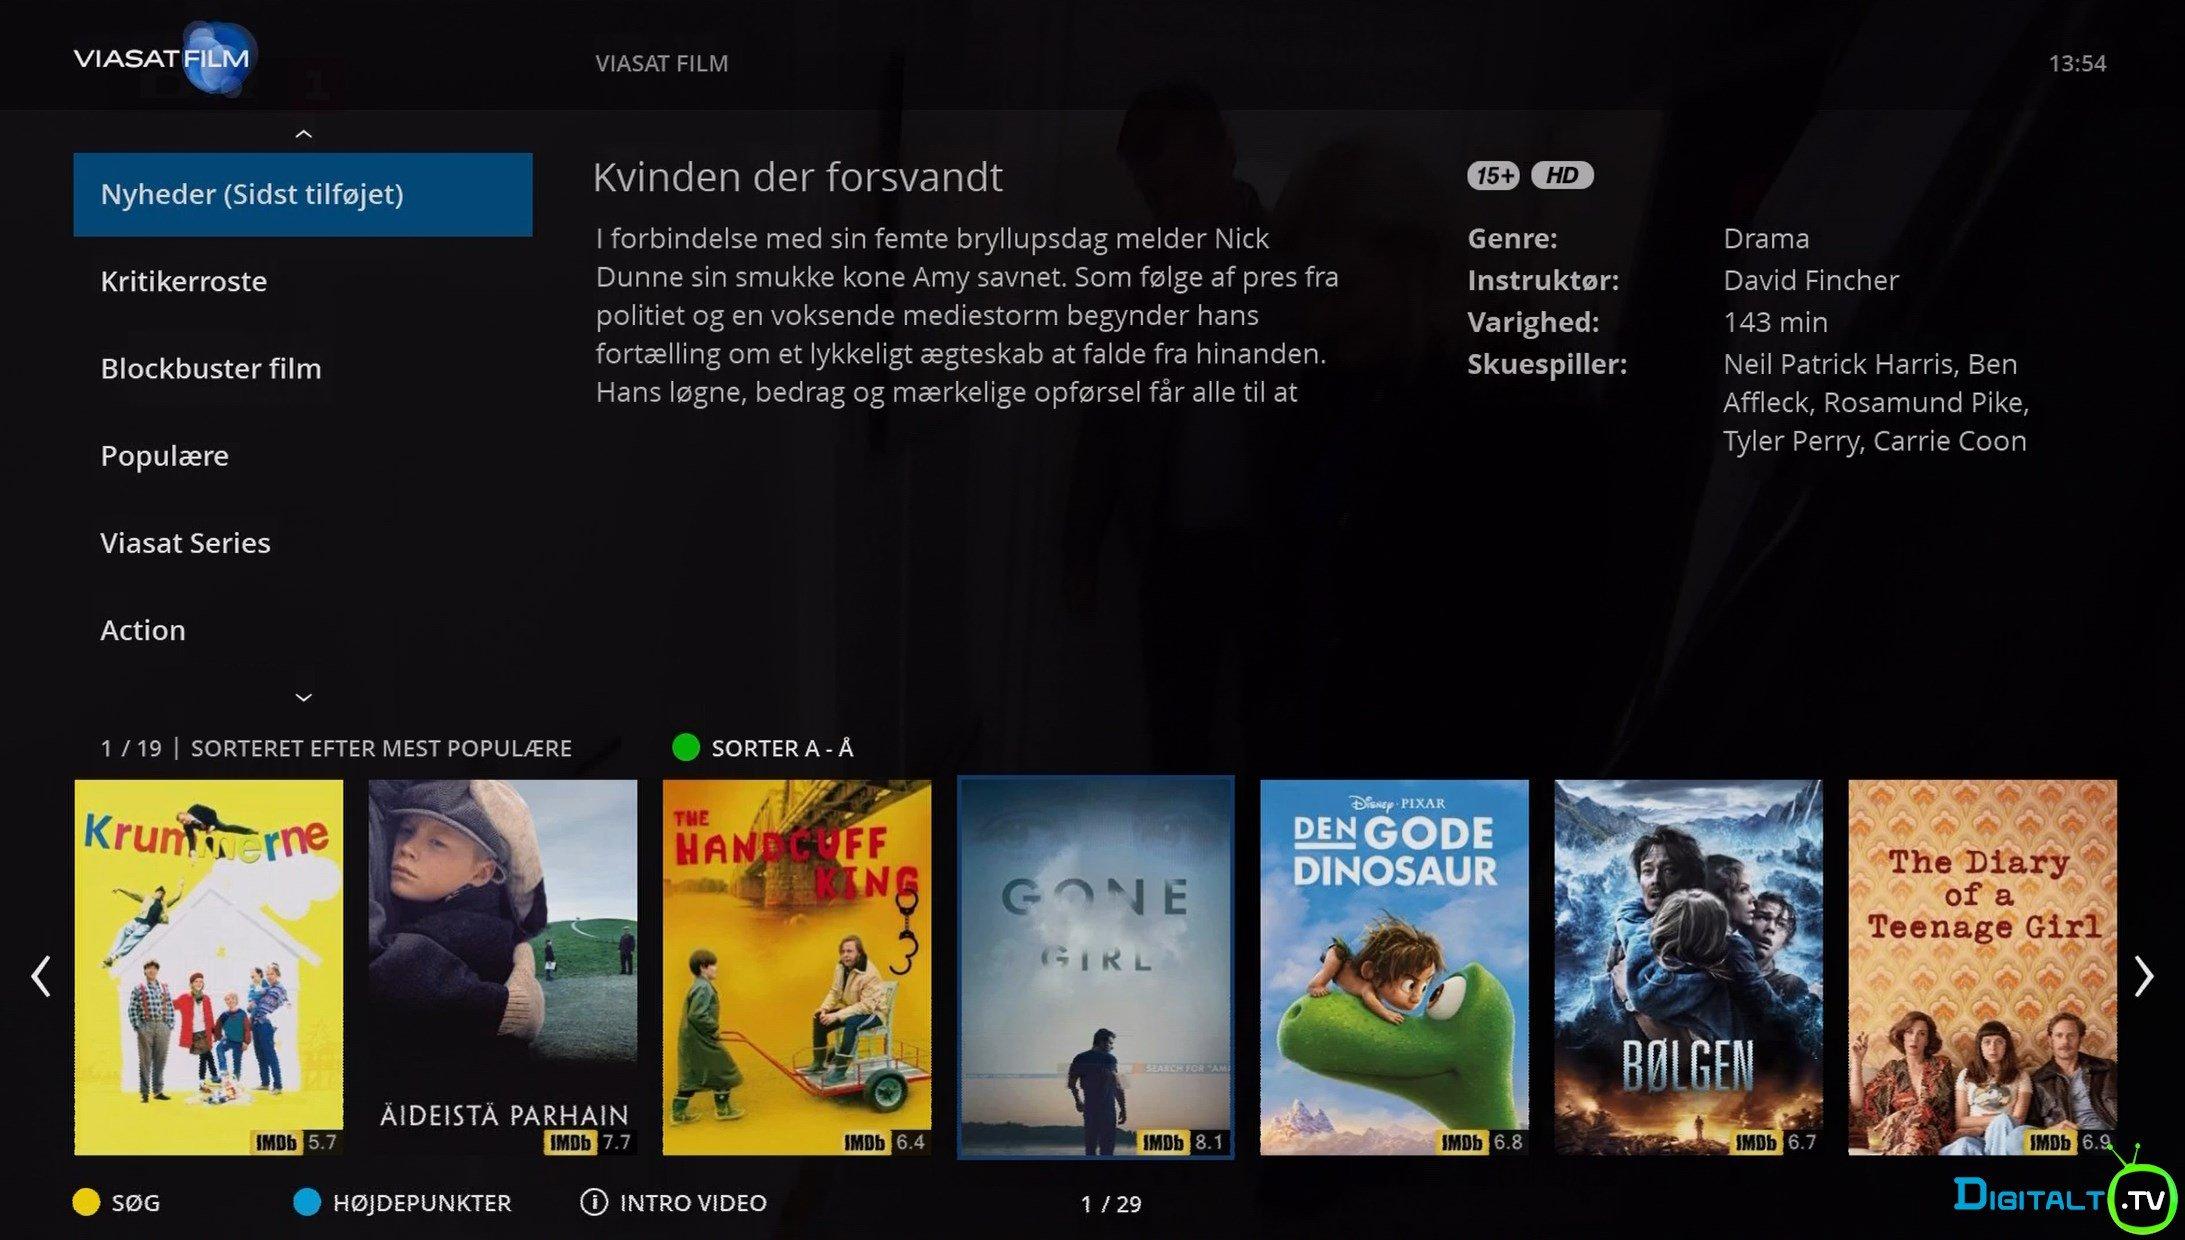 viasat-uhd-boks-viasat-film-on-demand